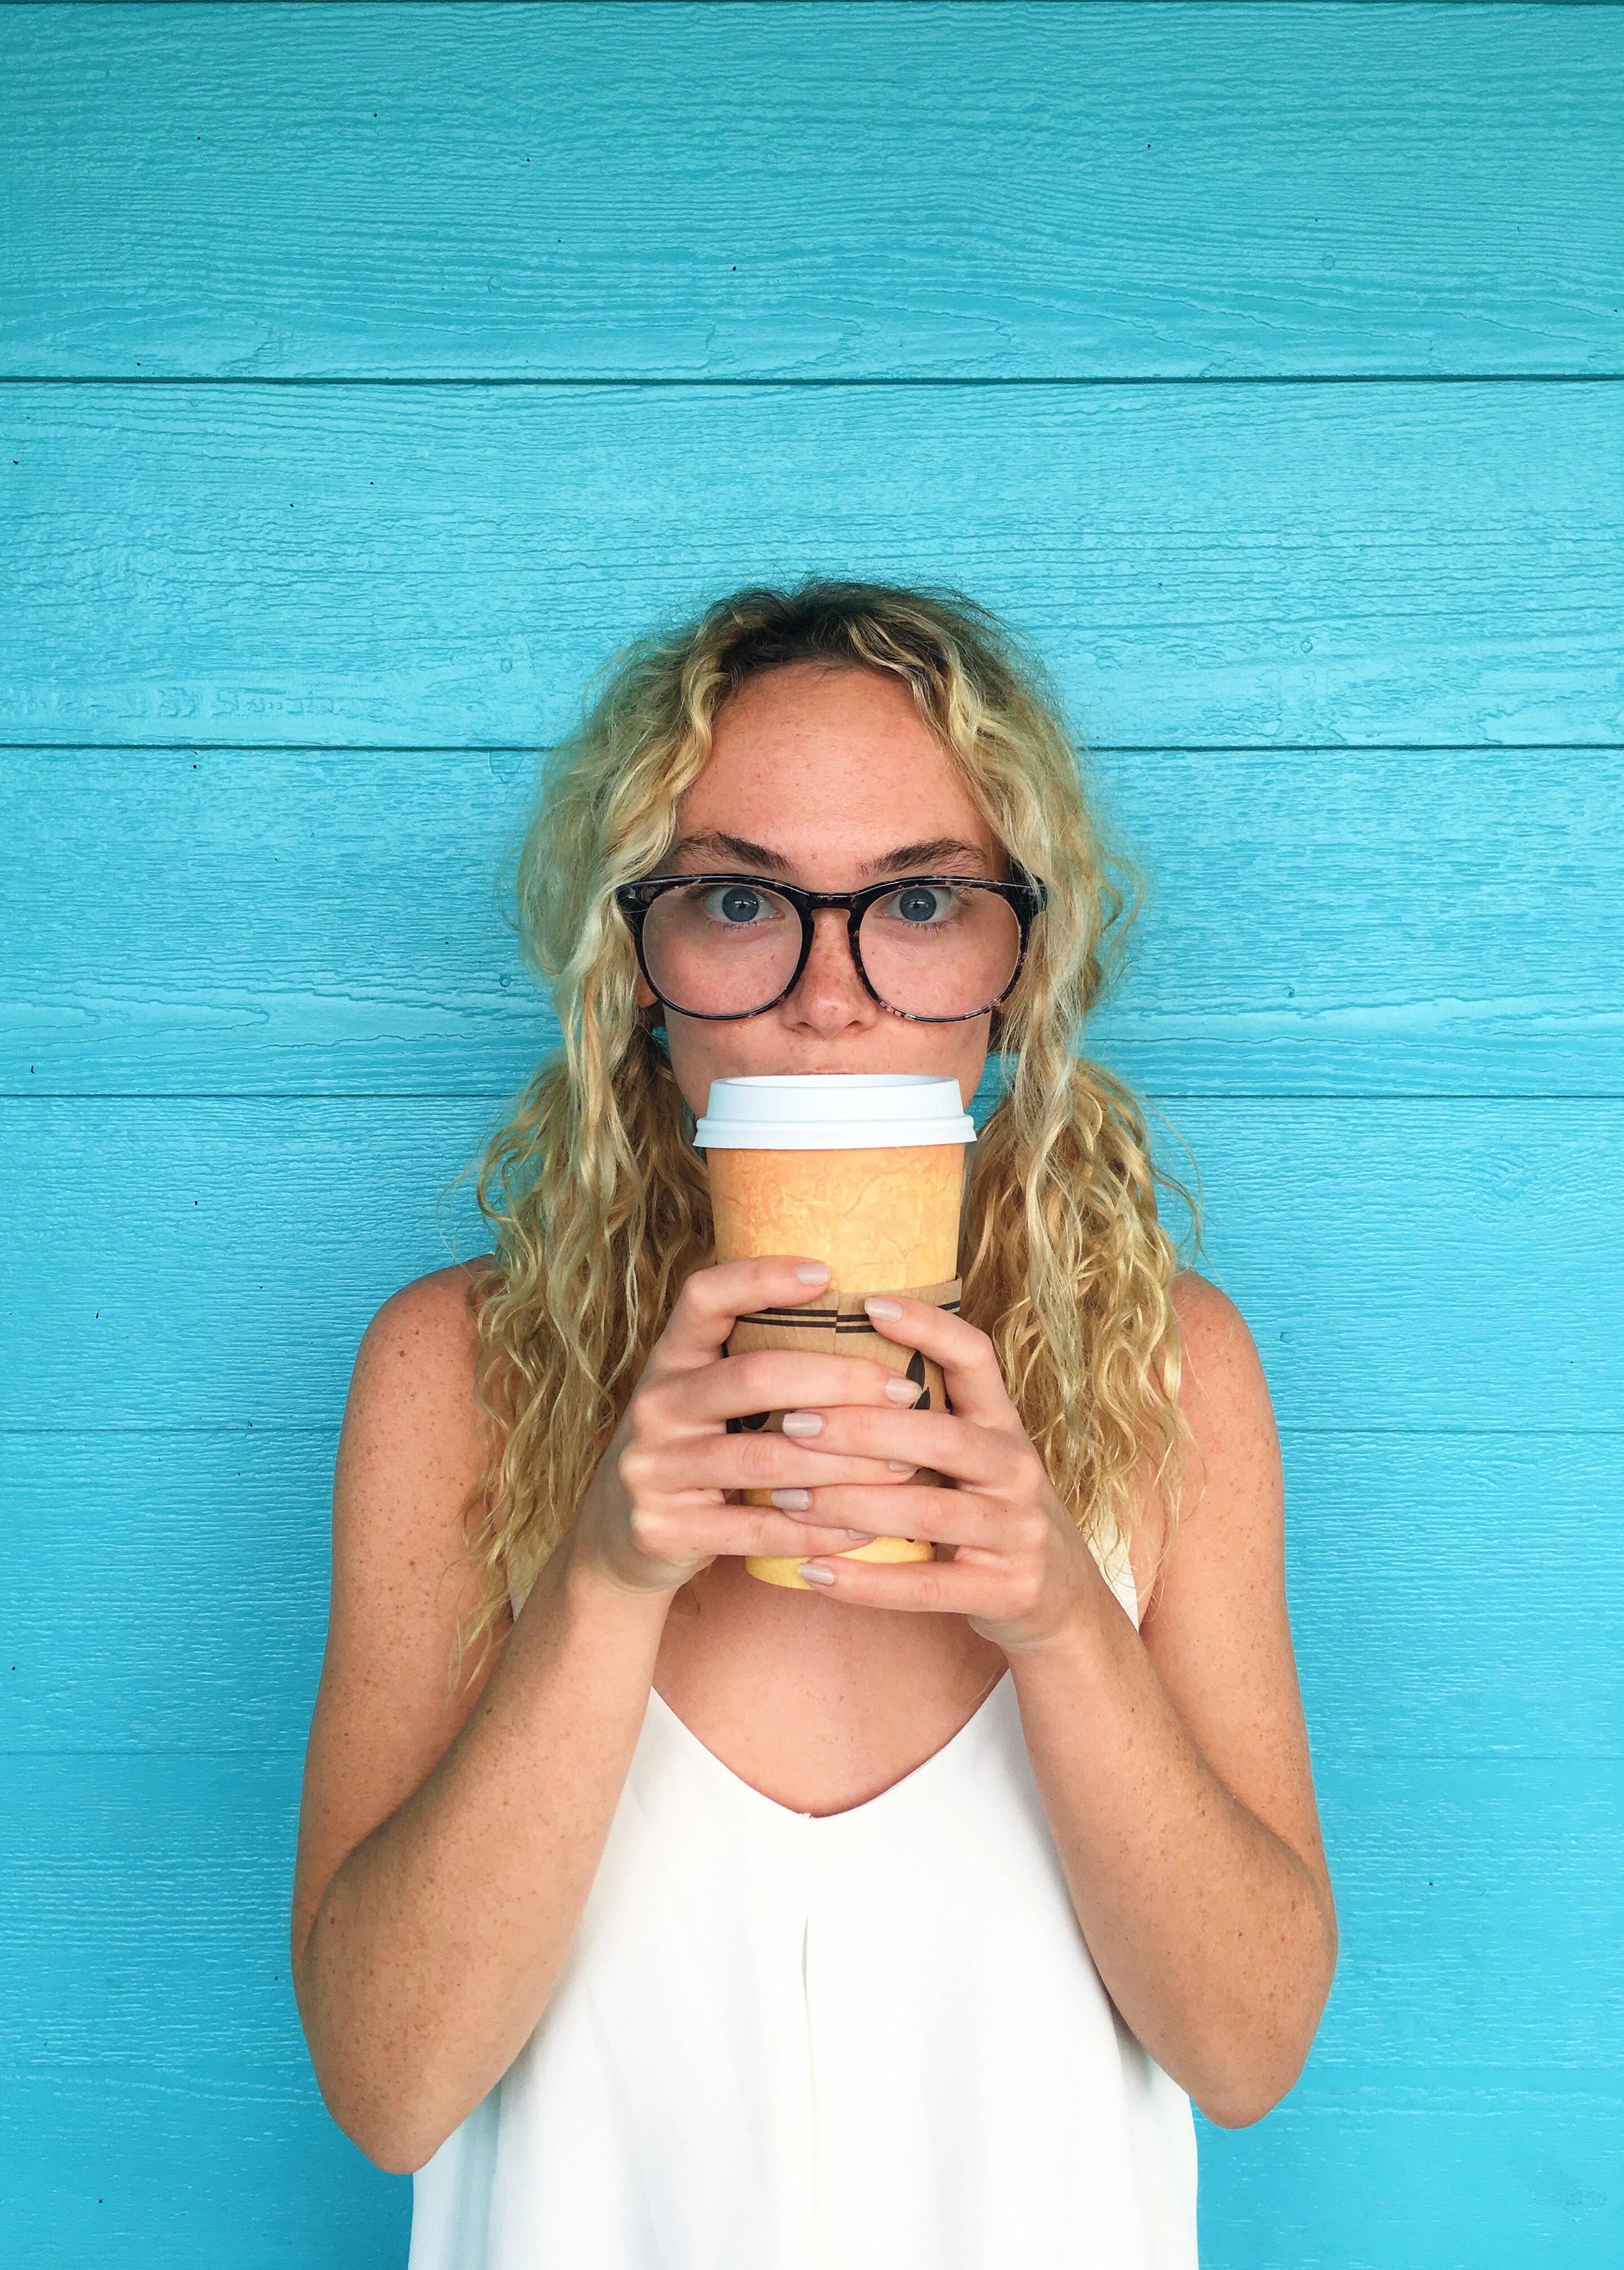 XL coffee -  glasses